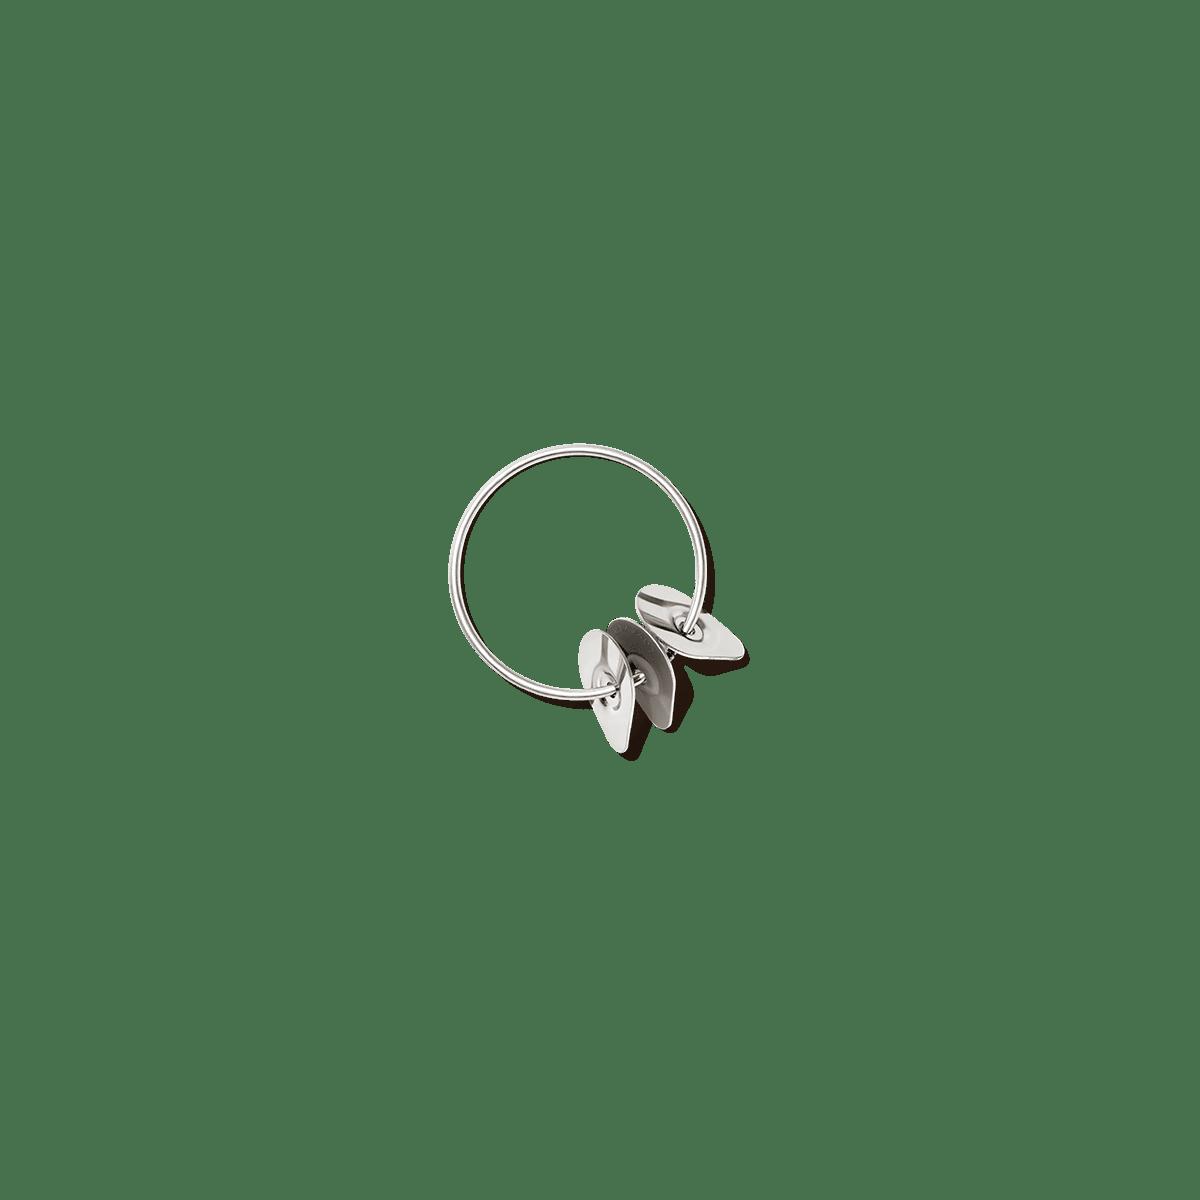 Stainless Steel Jingle Keys by Lovevery